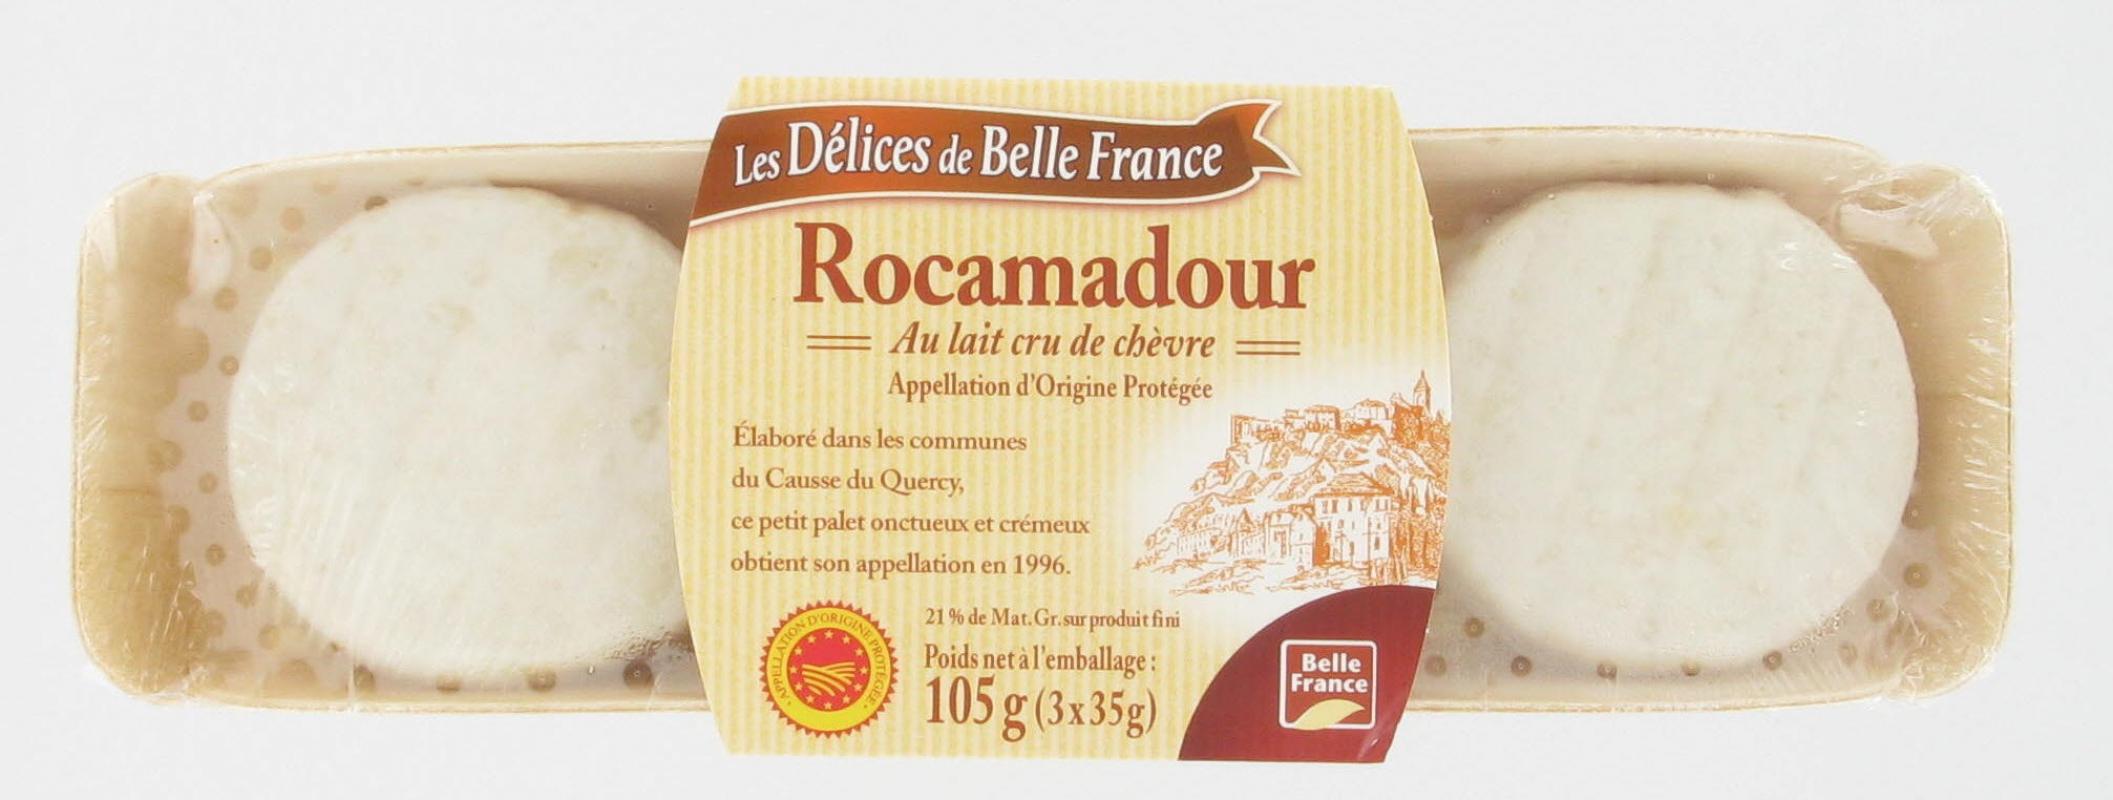 Rocamadour AOP, Les Délices de Belle France (3 x 35 g)